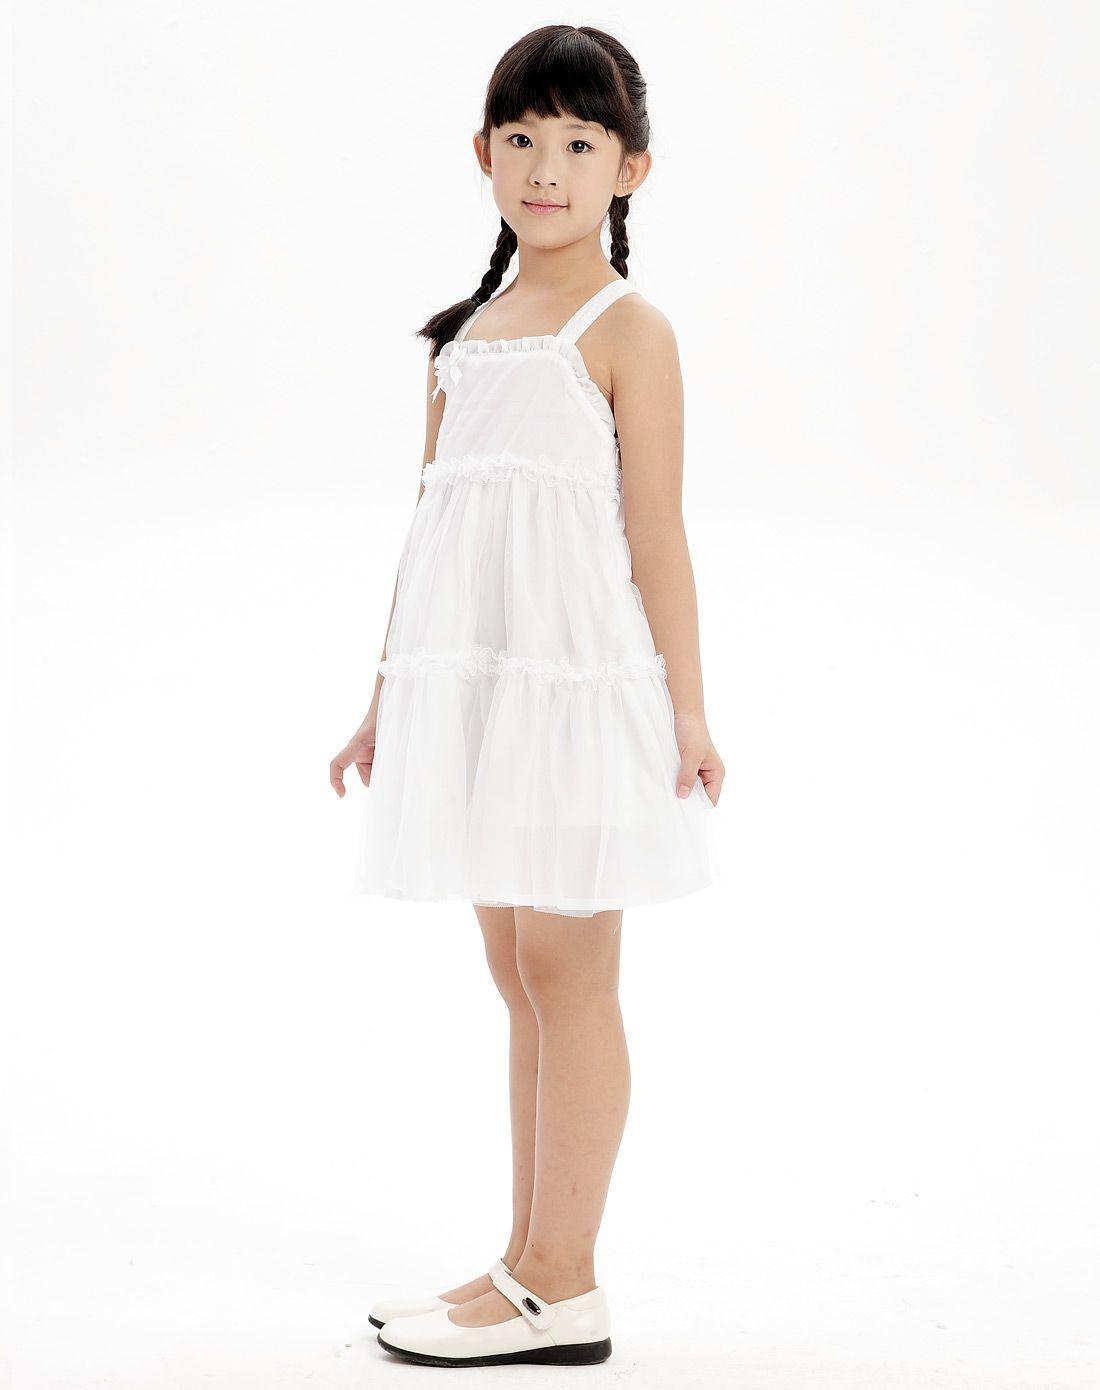 伊诗比蒂 大童服装 开童装加盟店销售六个基本技巧